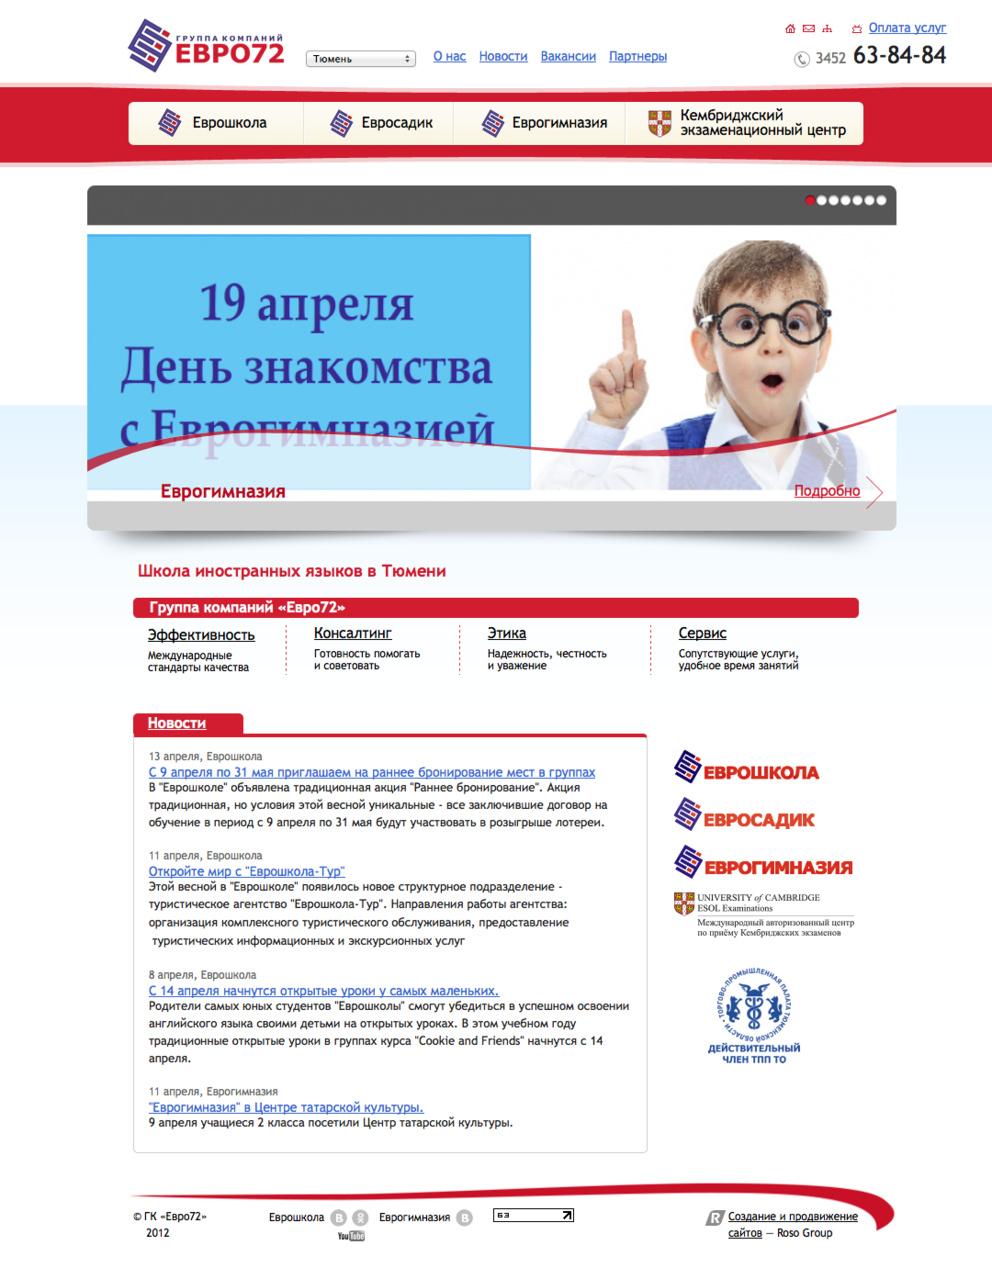 Еврошкола / Проект компании User Metrics